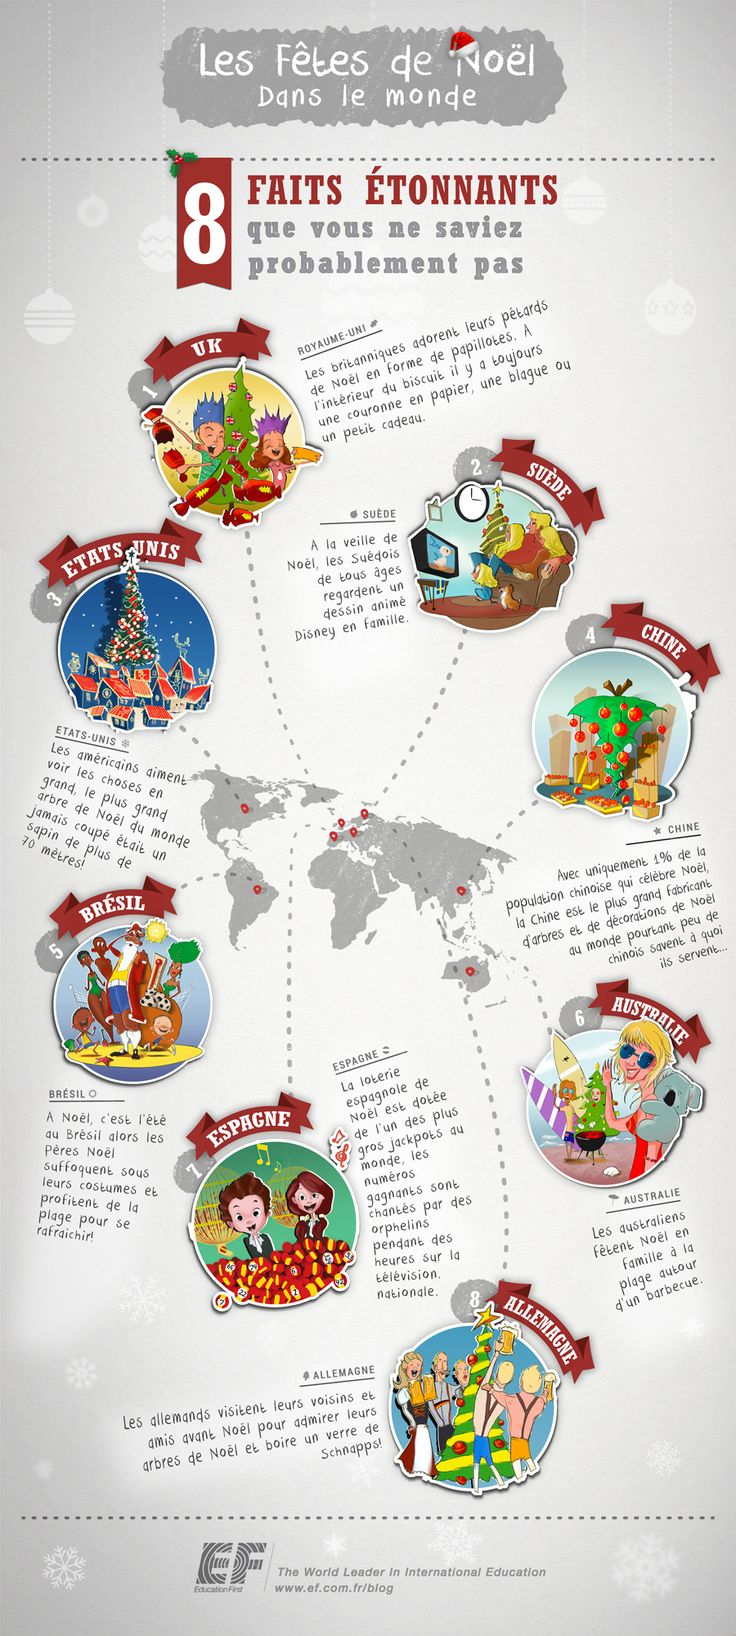 Les Fêtes de Noel dans le monde